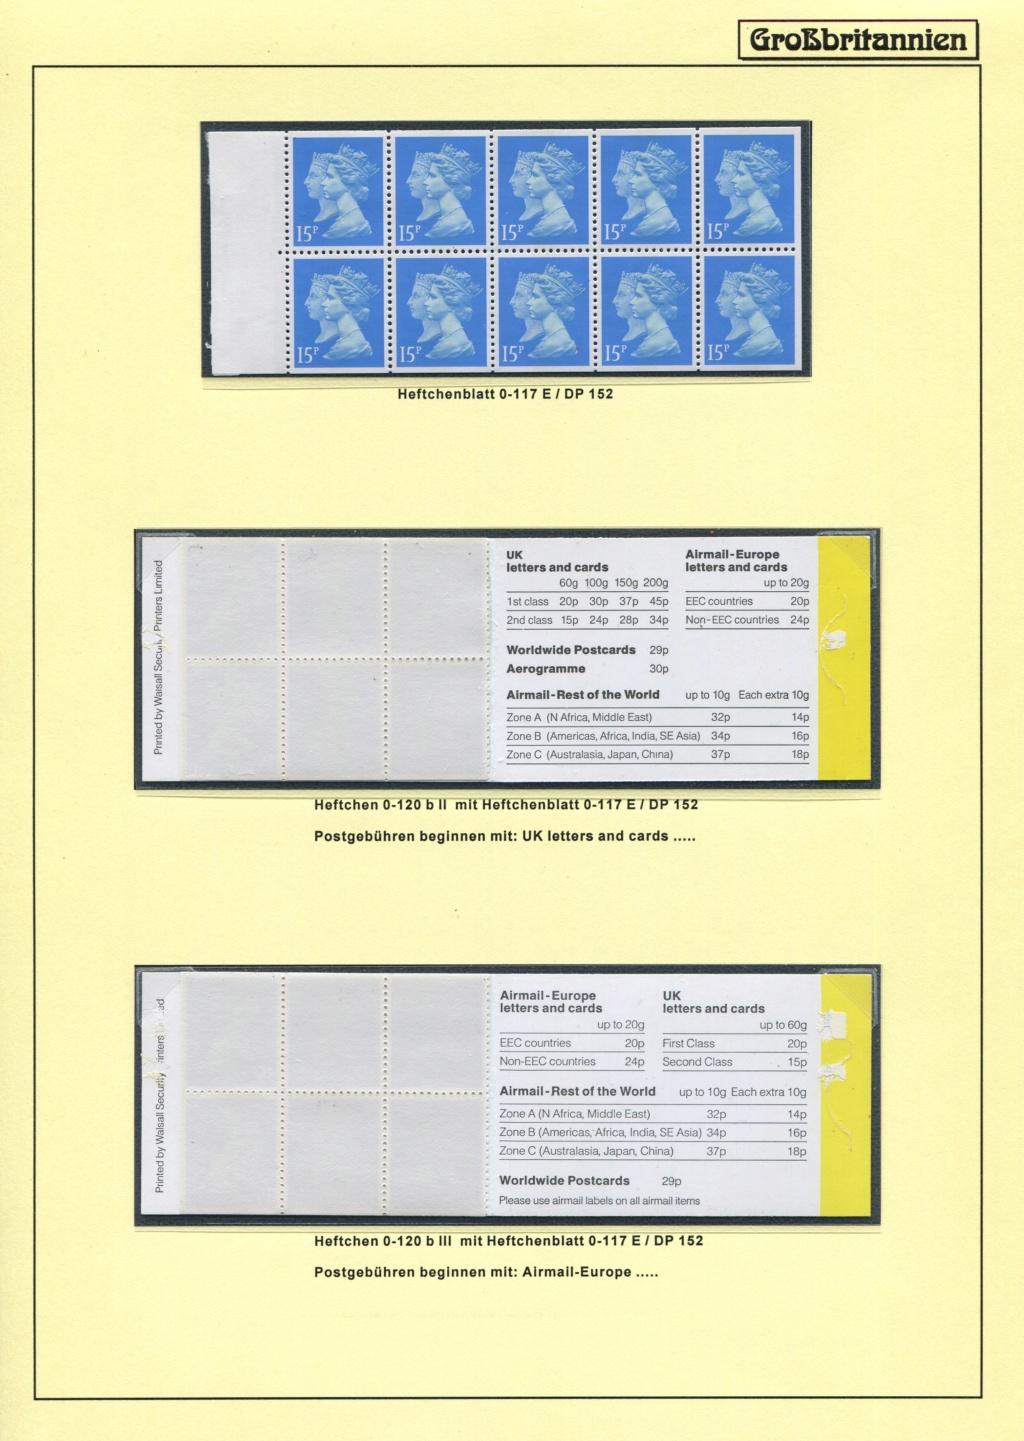 Großbritannien - 150 Jahre Briefmarken Black_55